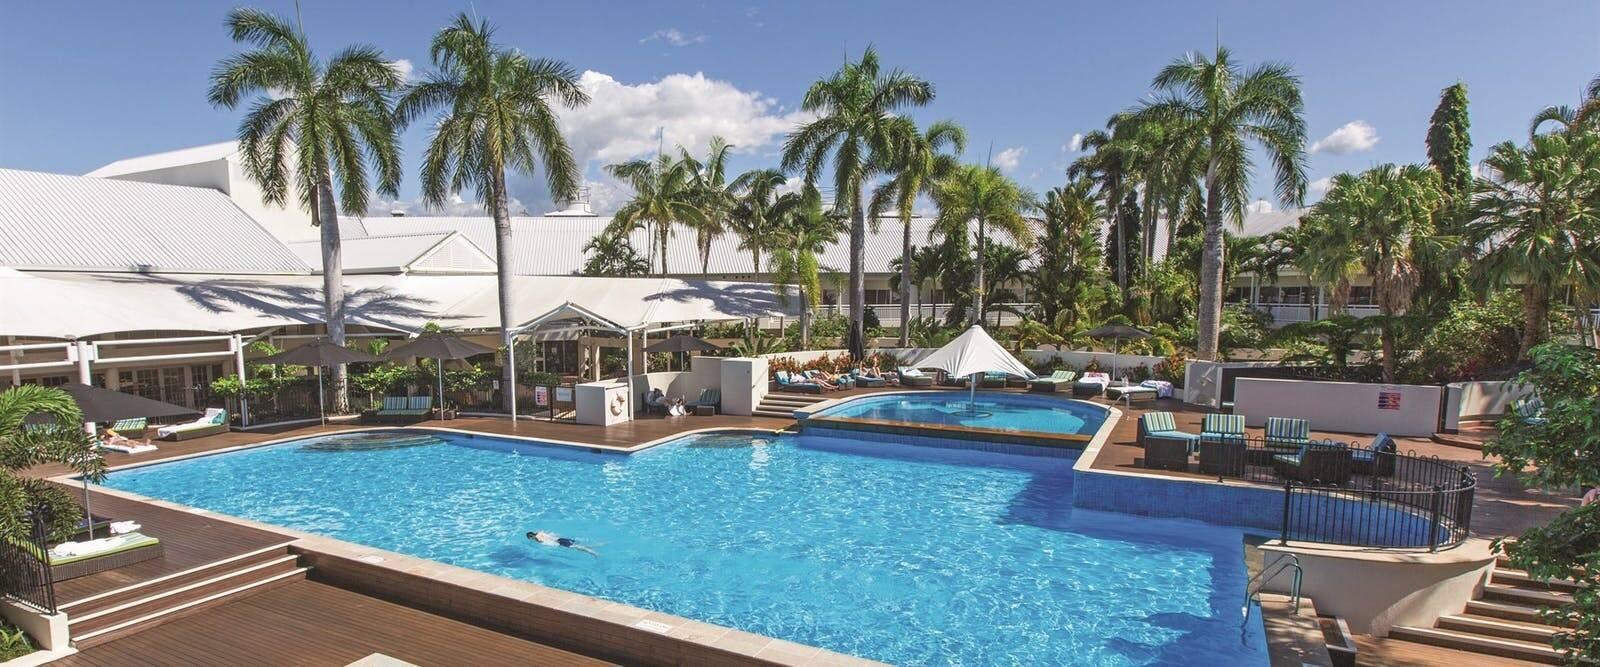 Shangri La Cairns Piscine